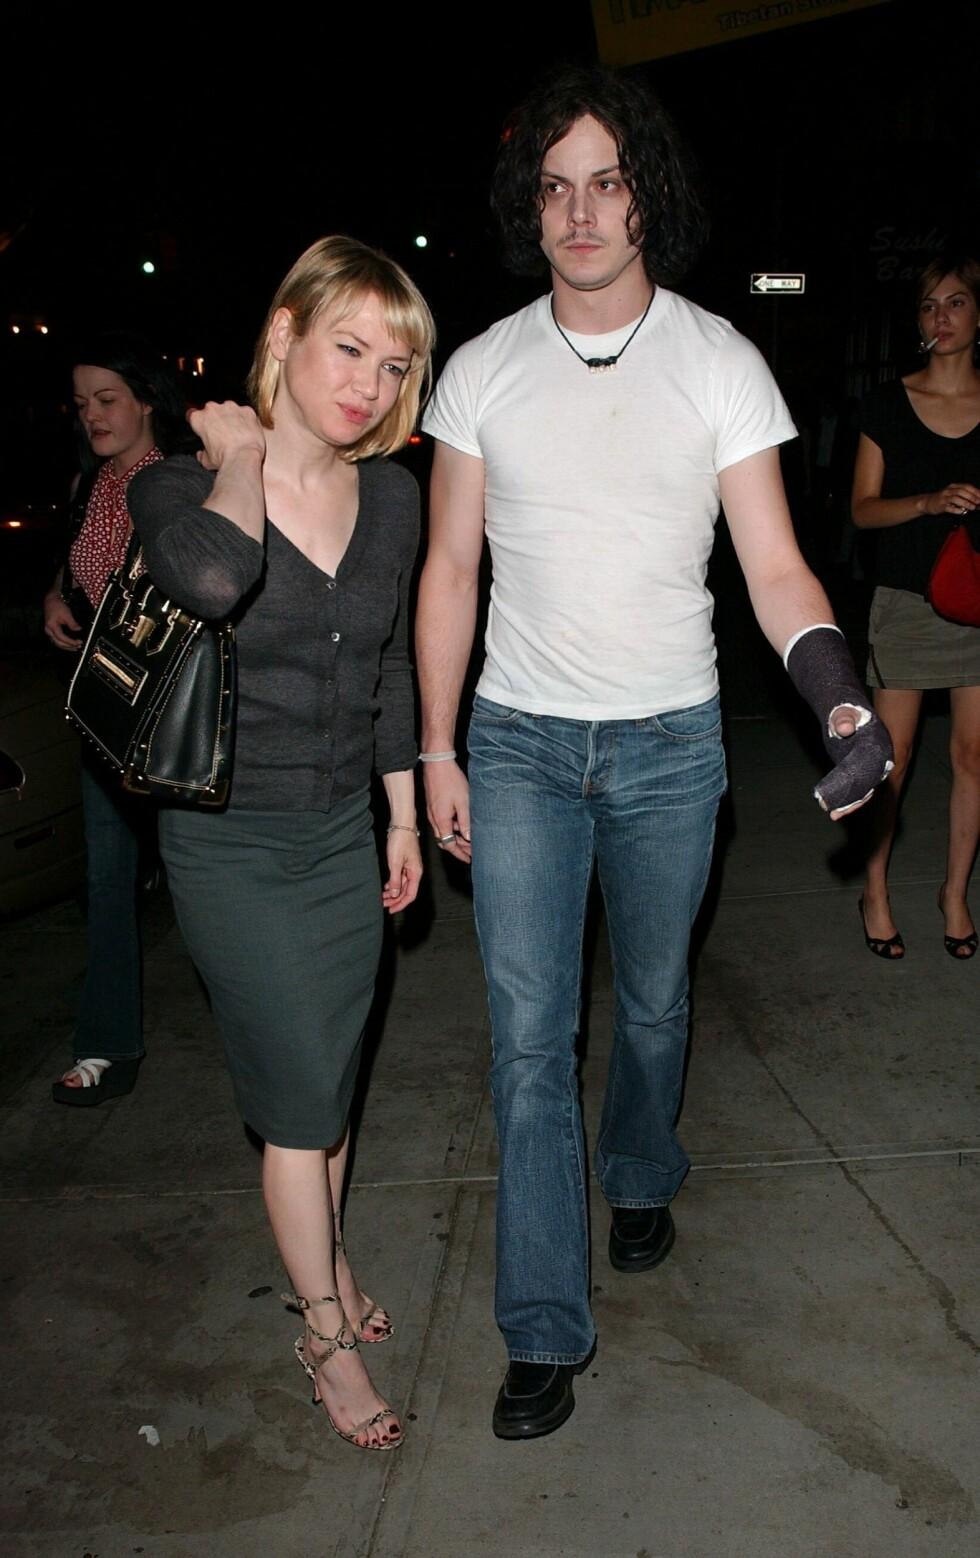 BRUDD ETTER OSCAR: Renee Zellweger og Jack White. Foto: All Over Press